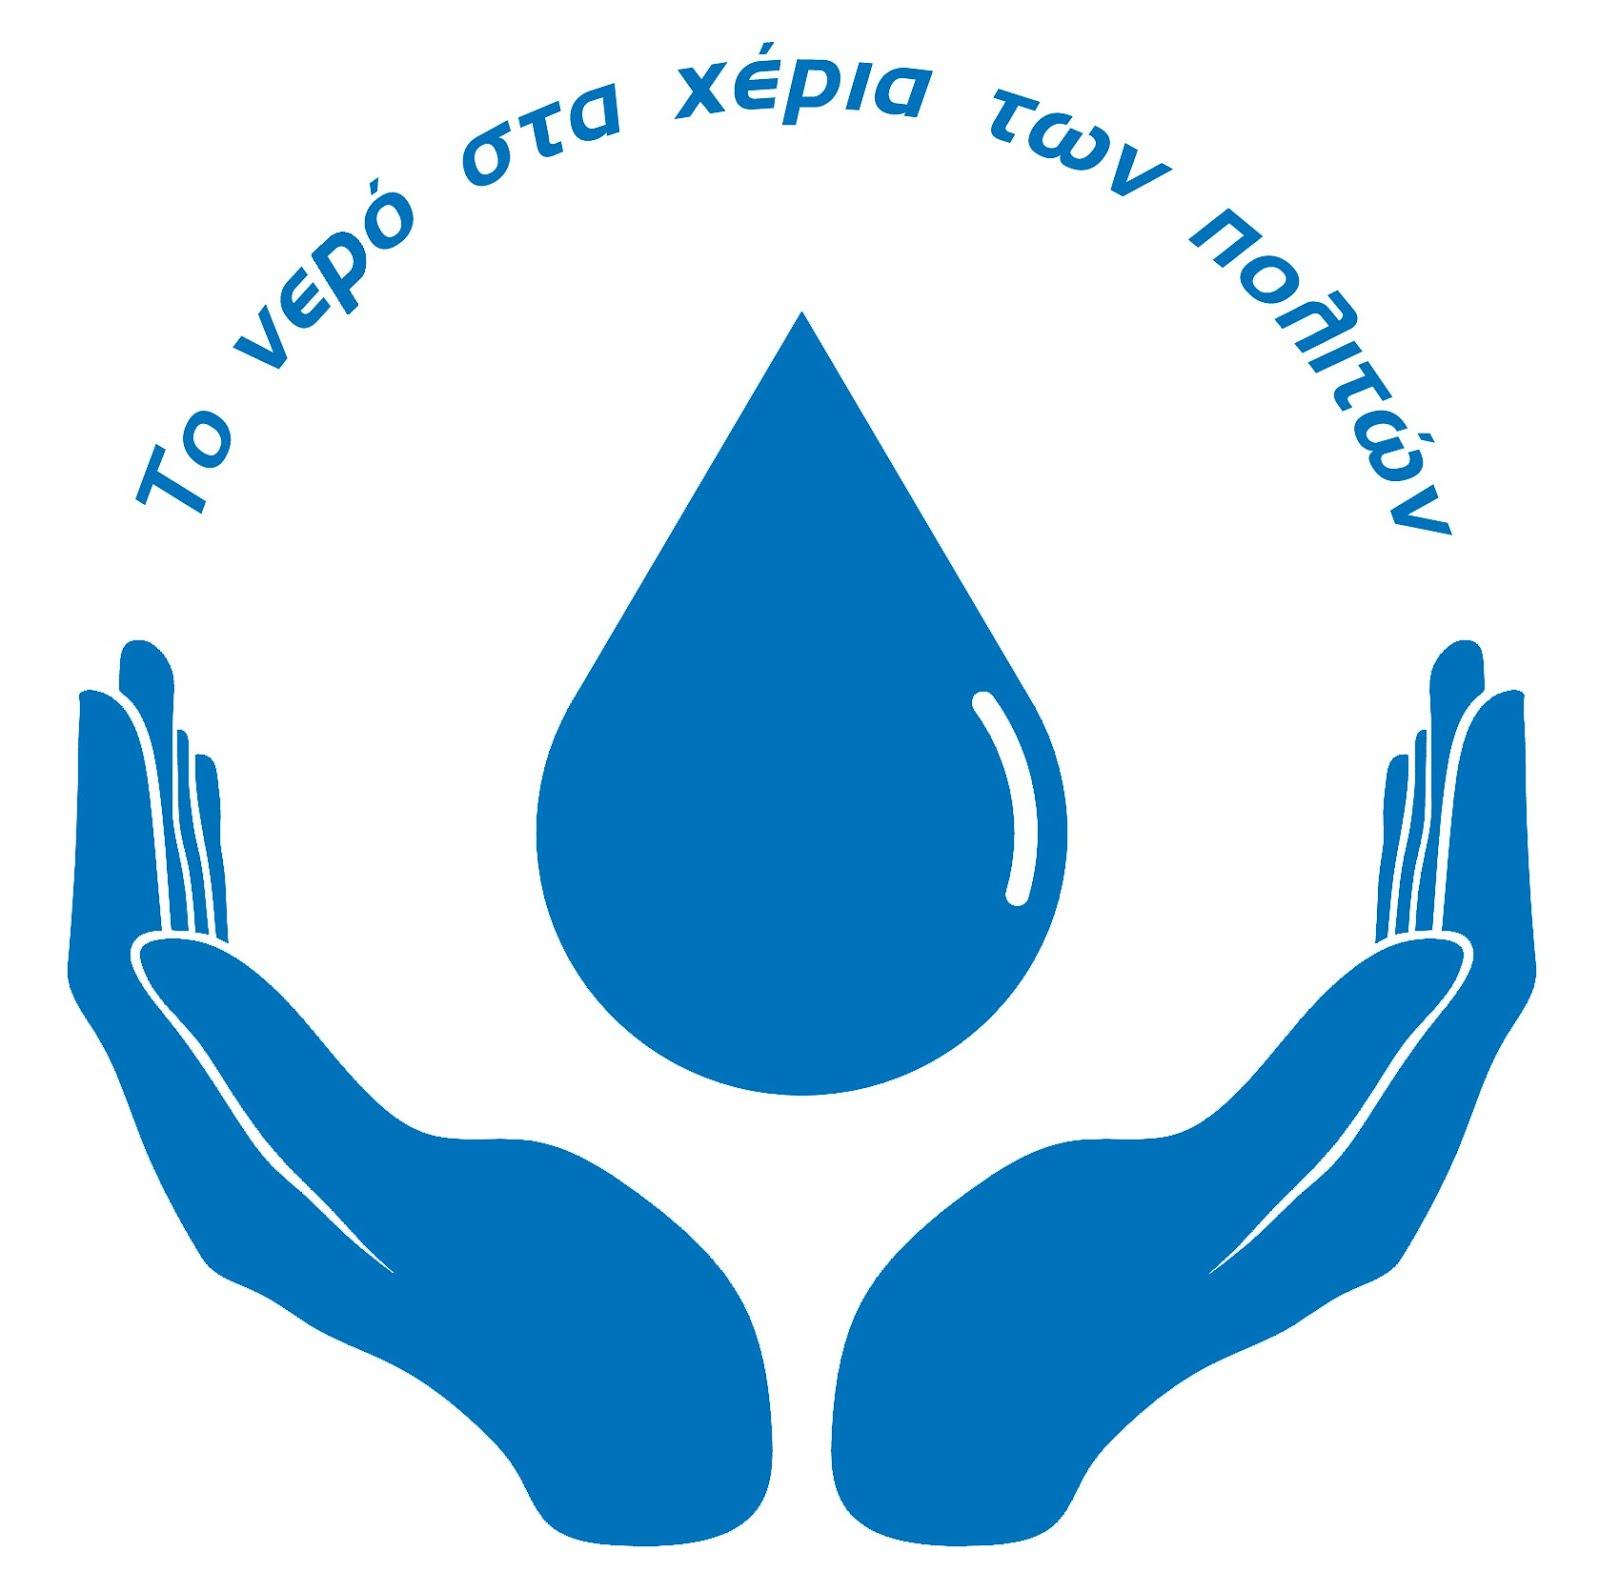 Διακήρυξη 54 φορέων και κινημάτων για τη συνεργατική διαχείριση του νερού της Θεσσαλονίκης